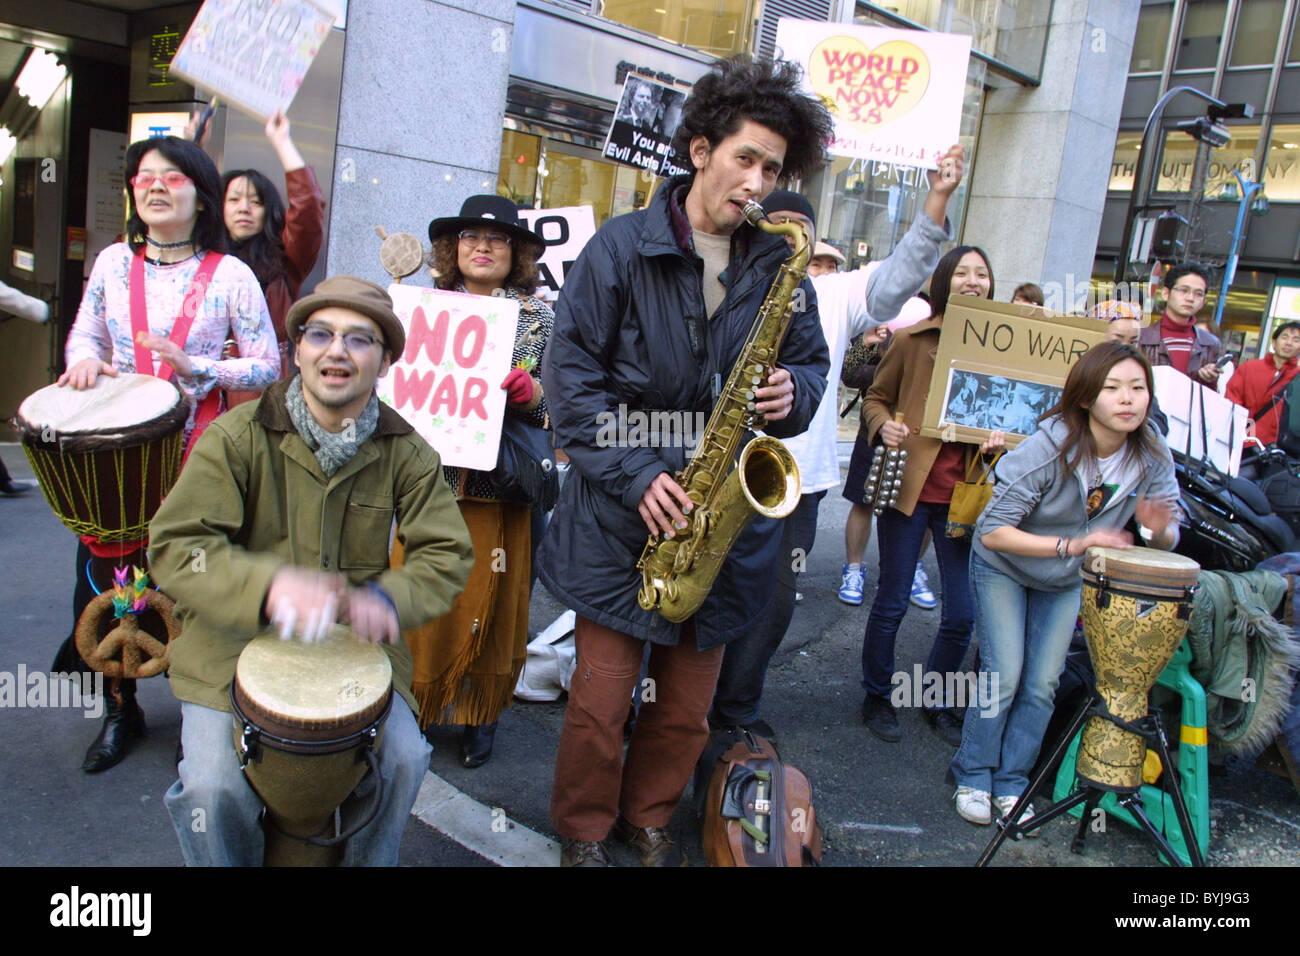 Pas de guerre et paix guerre Anti-Iraq et démonstration de protestation, à Tokyo, Japon, le 8 mars 2003 Photo Stock